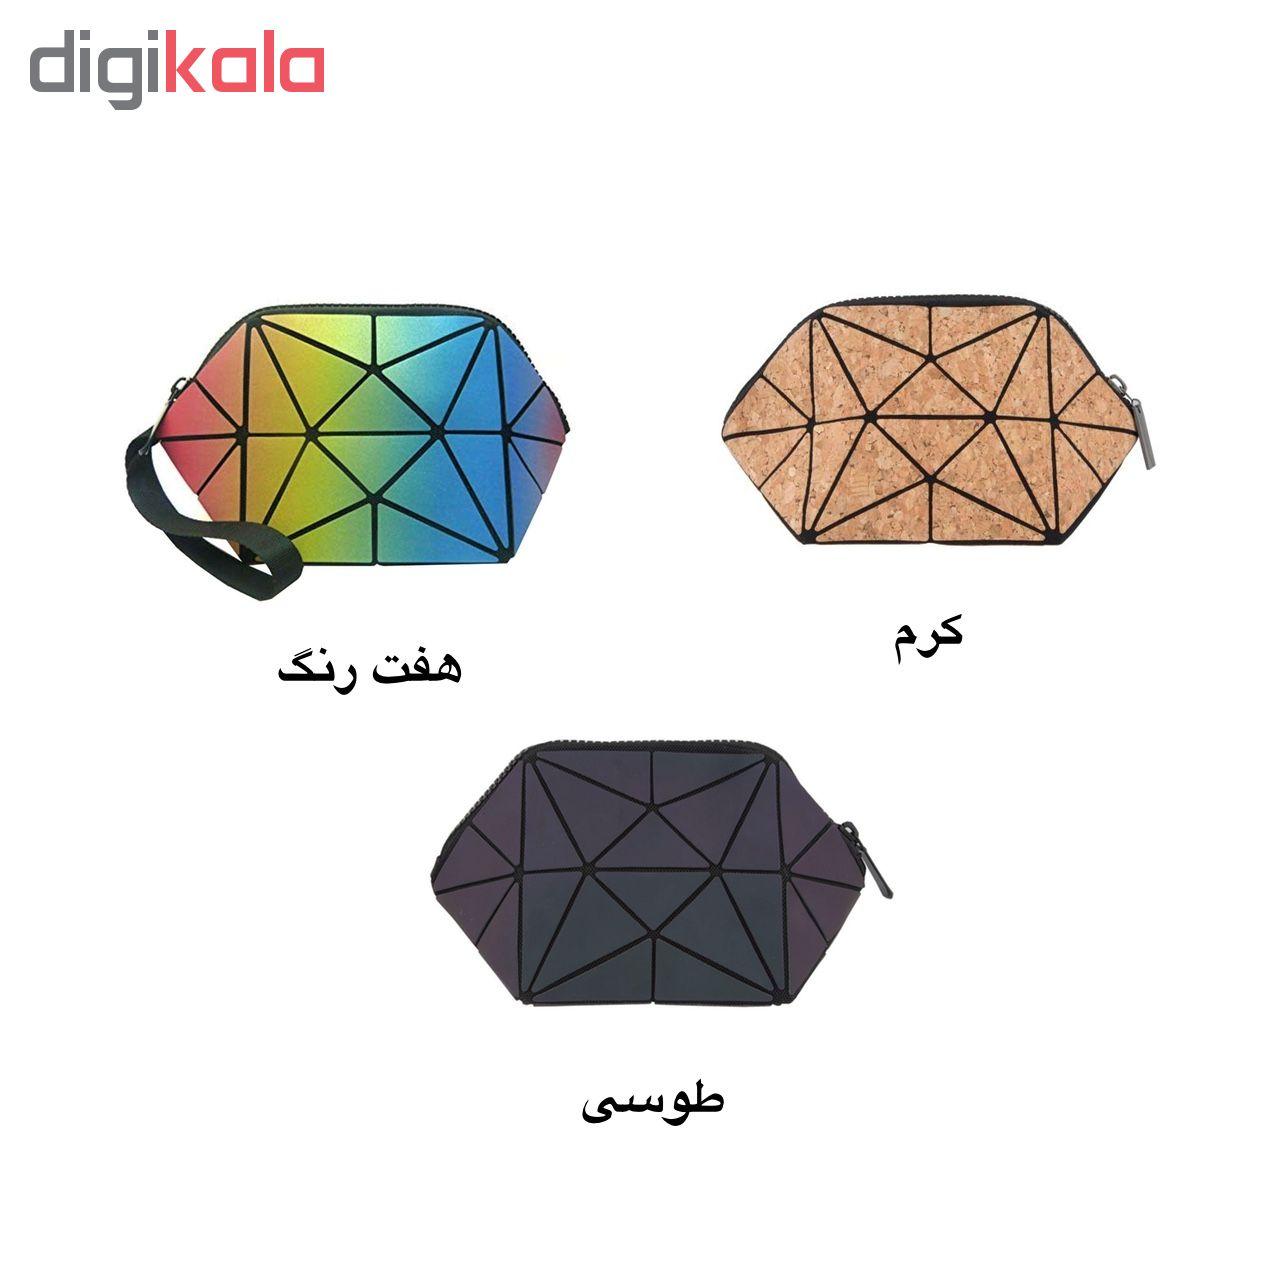 کیف لوازم آرایشی طرح الماس کد 01